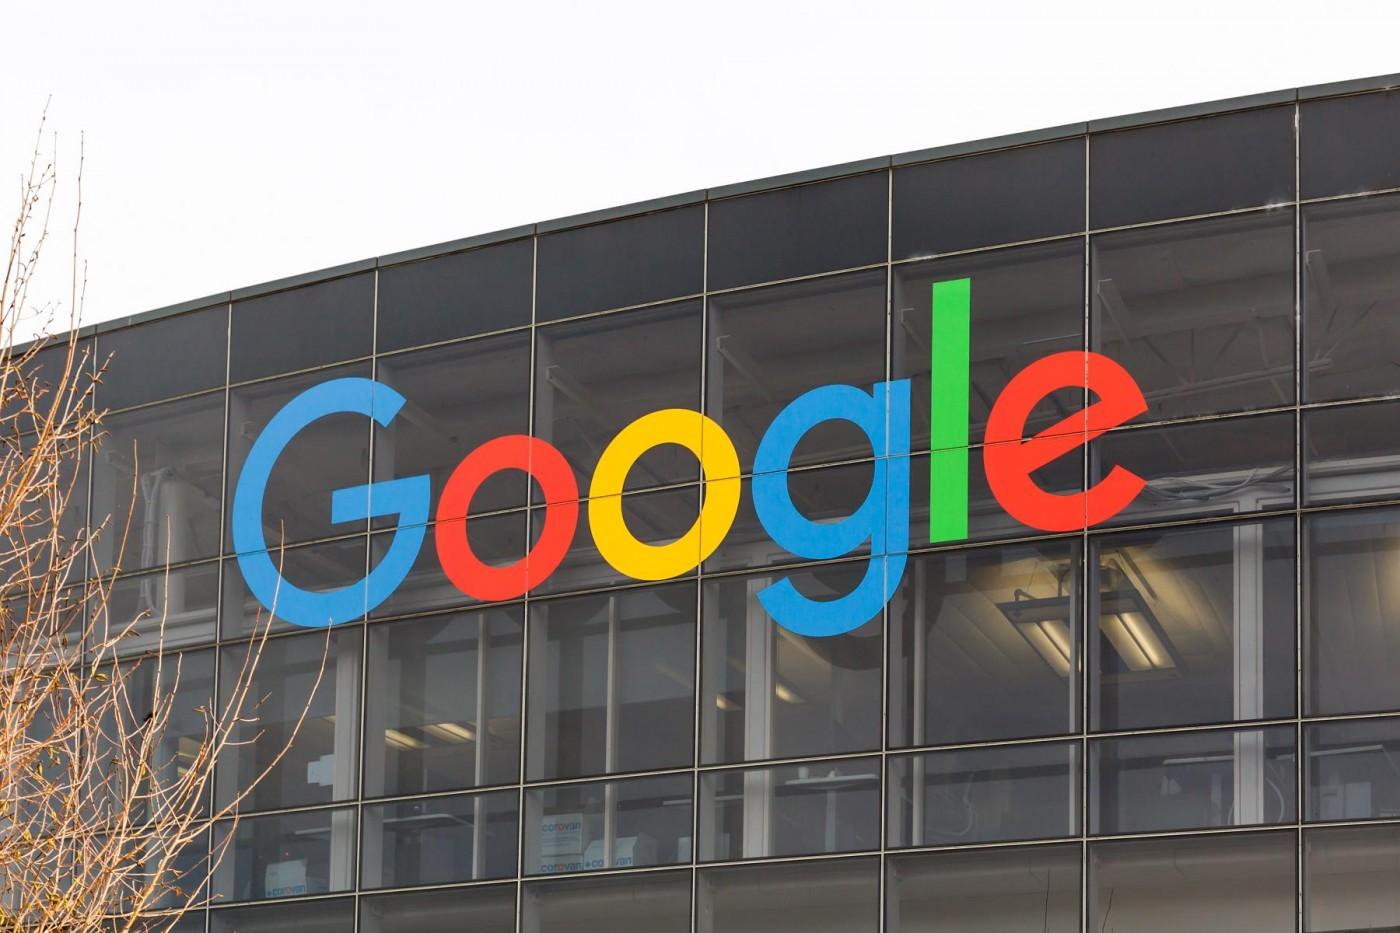 台南中選!Google 6年內二度來台購地建廠,將砸數億美元建第二座資料中心